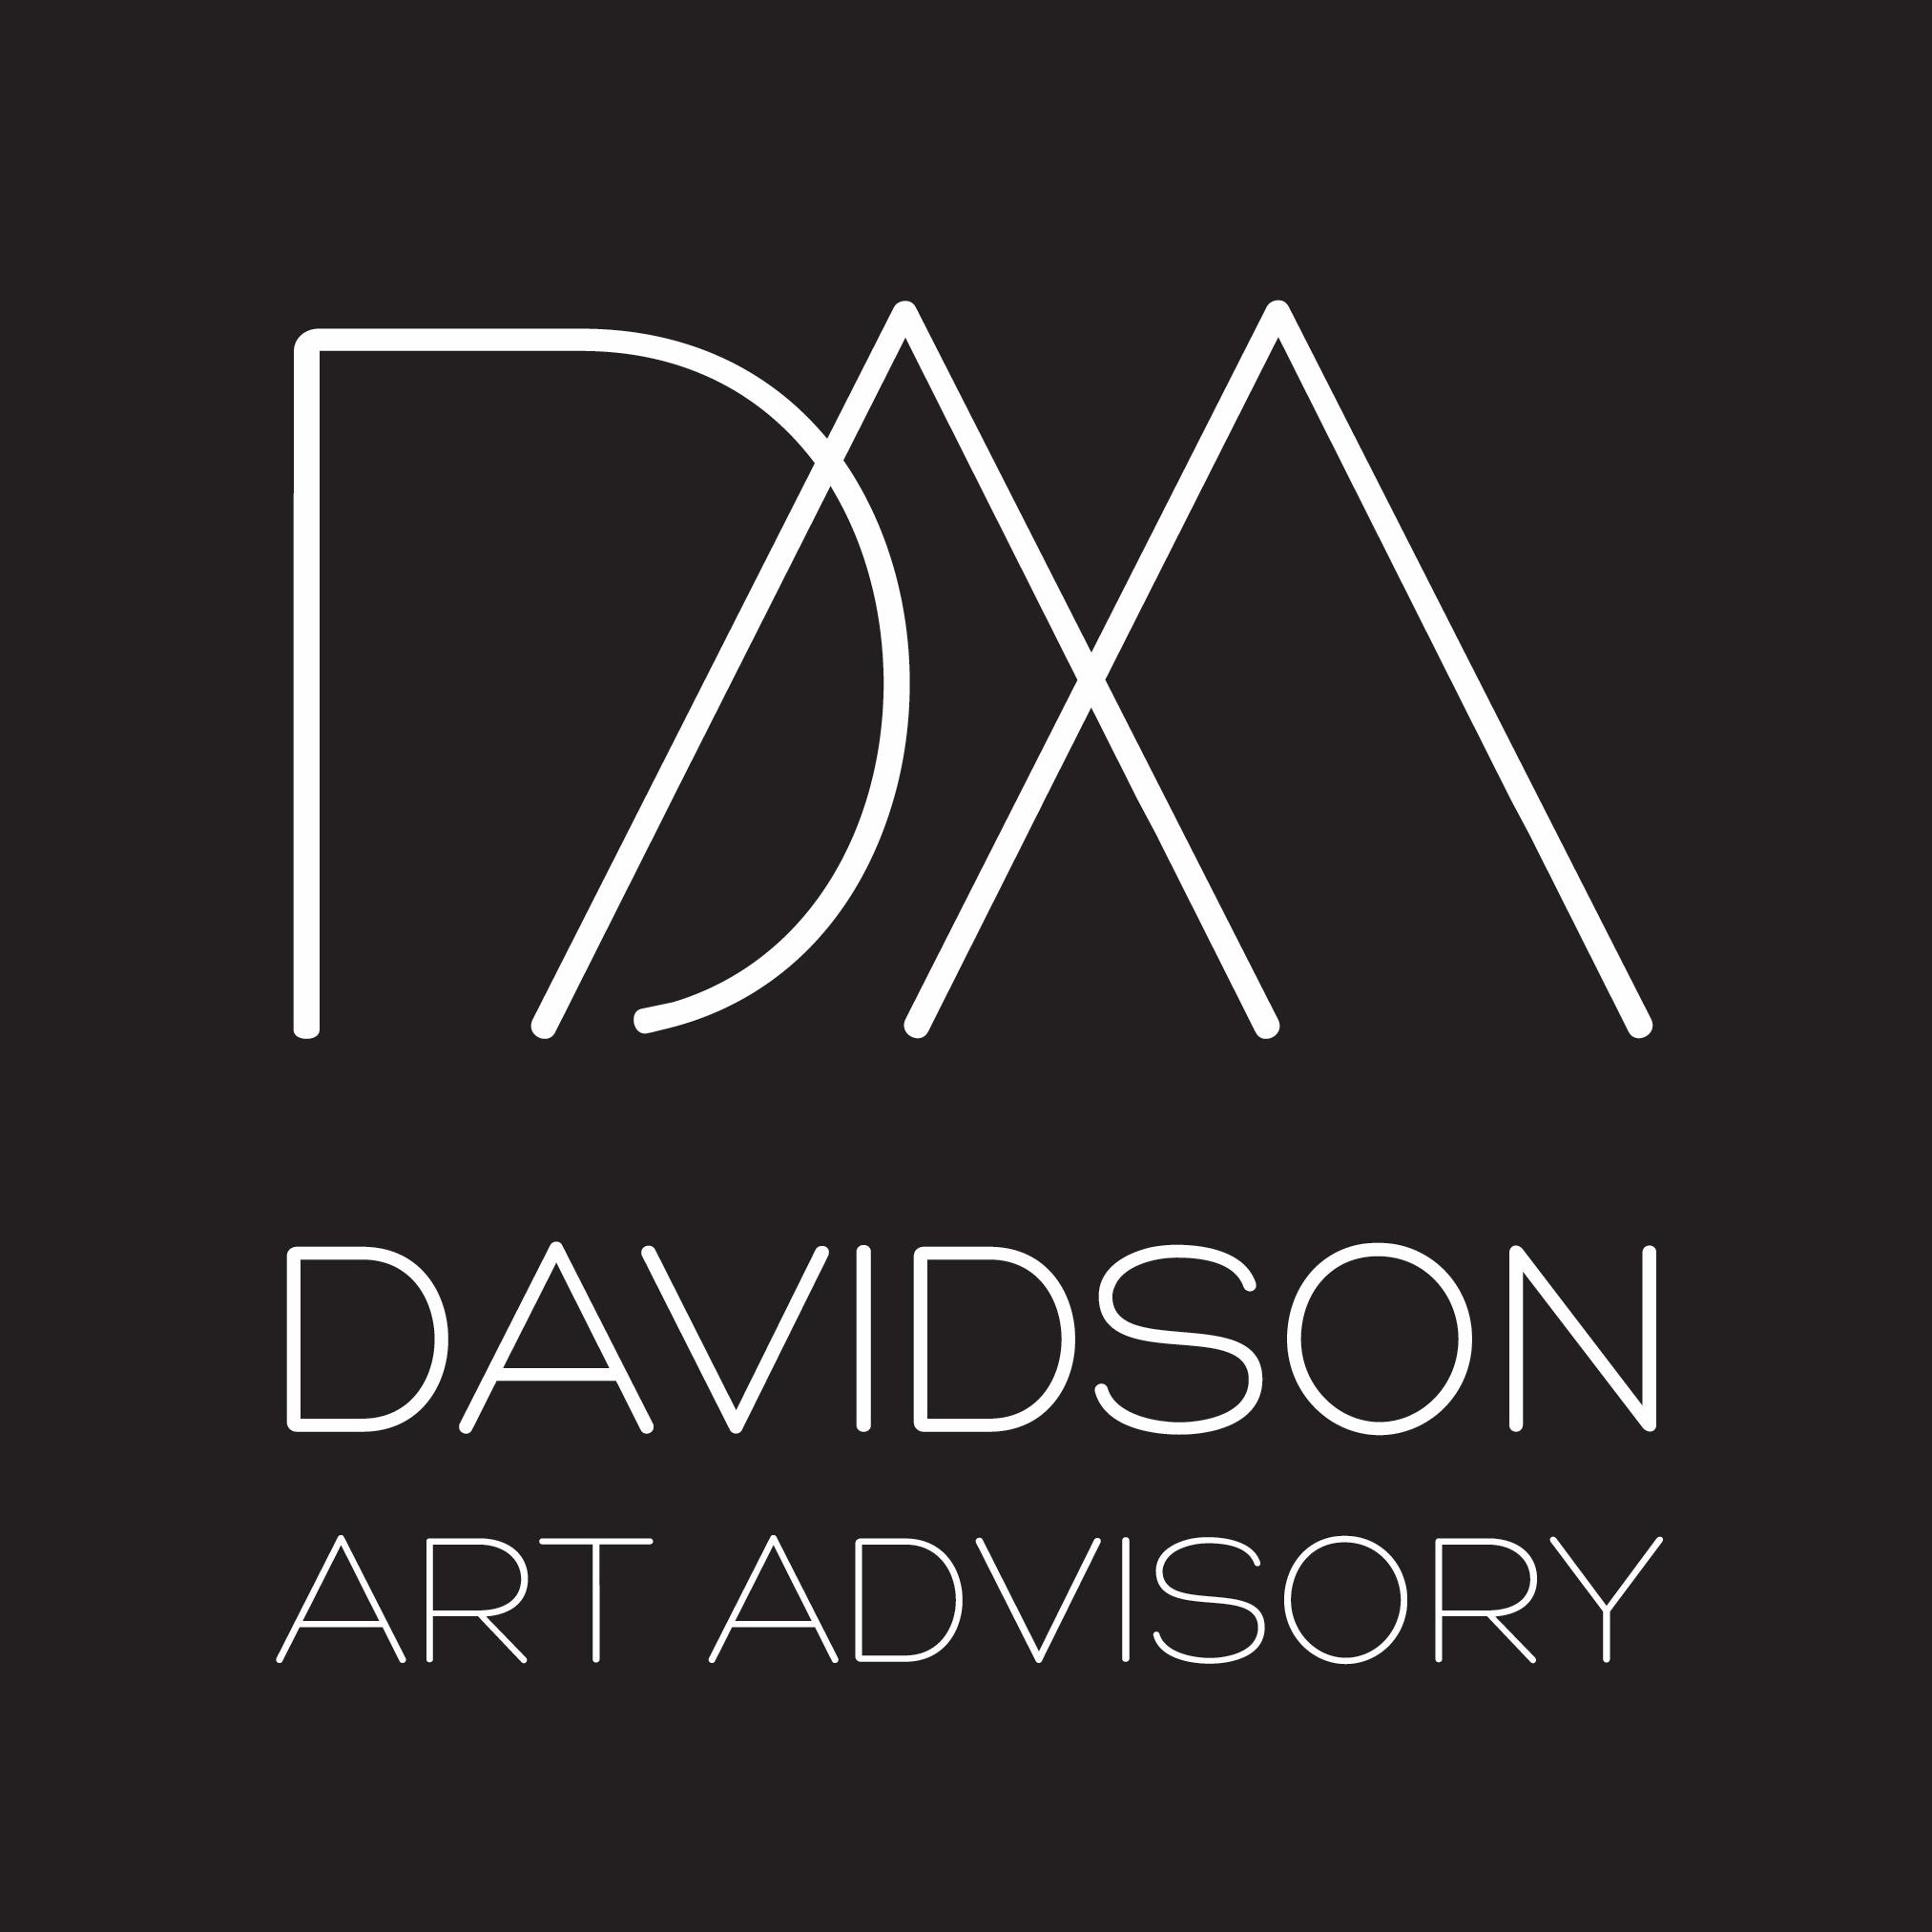 DAA-logo-black.jpg